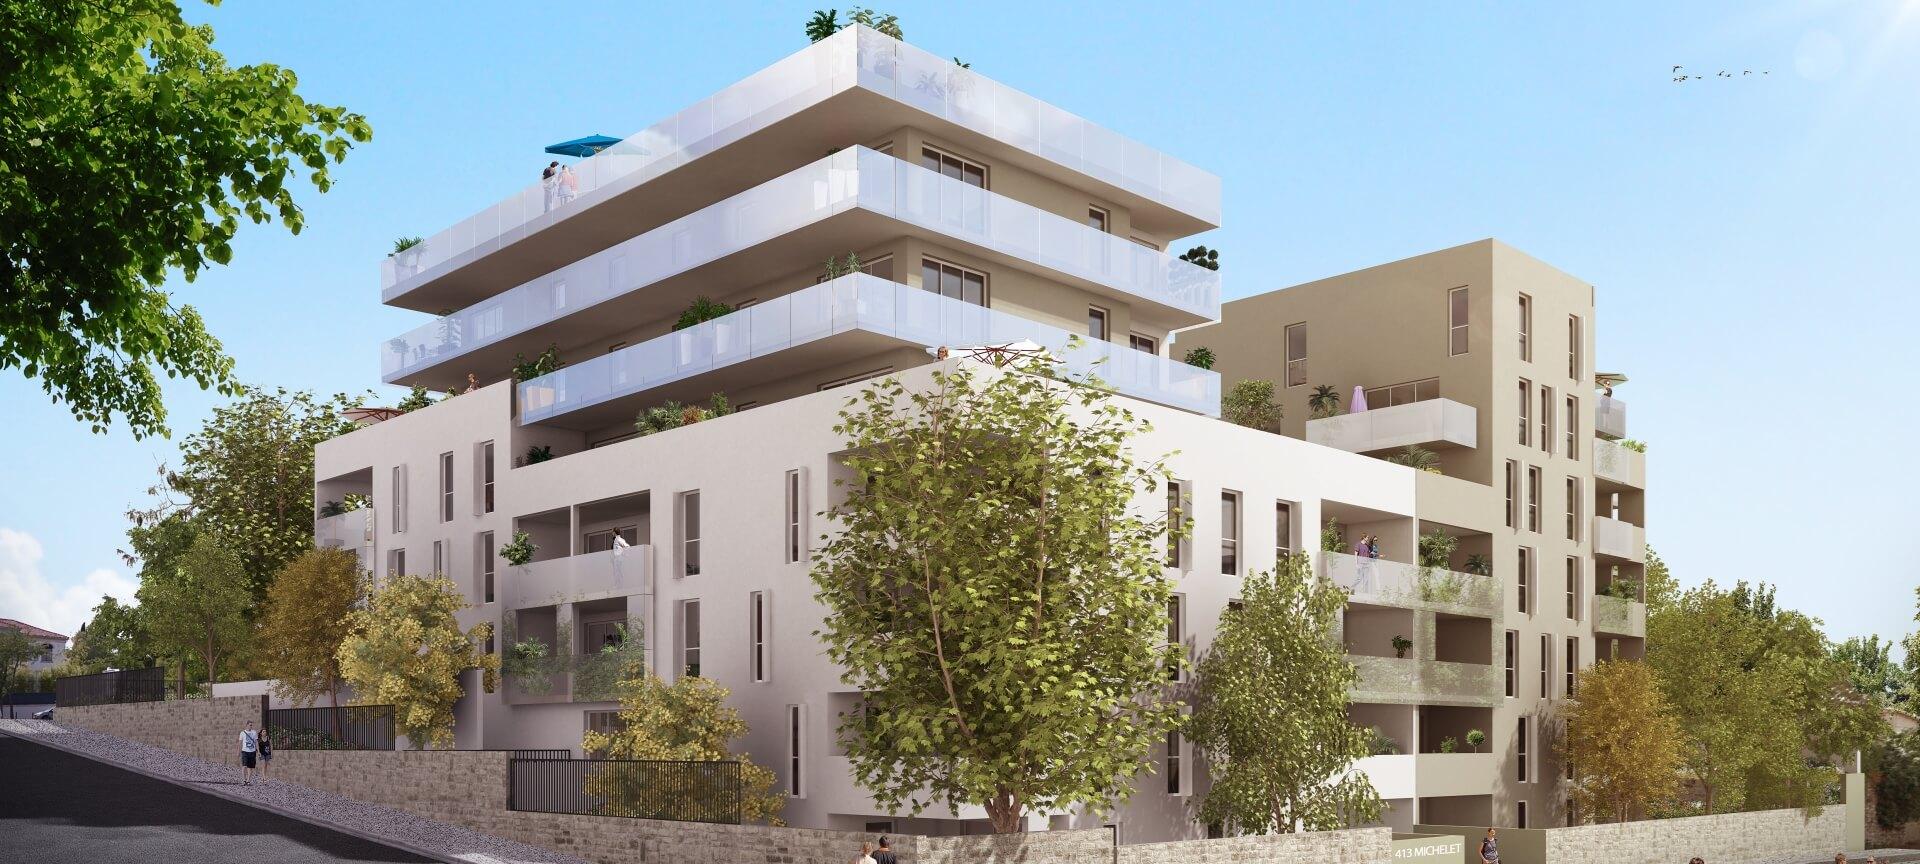 Programme immobilier Marseille 9ème (13009) 9EME ARRONDISSEMENT PI17